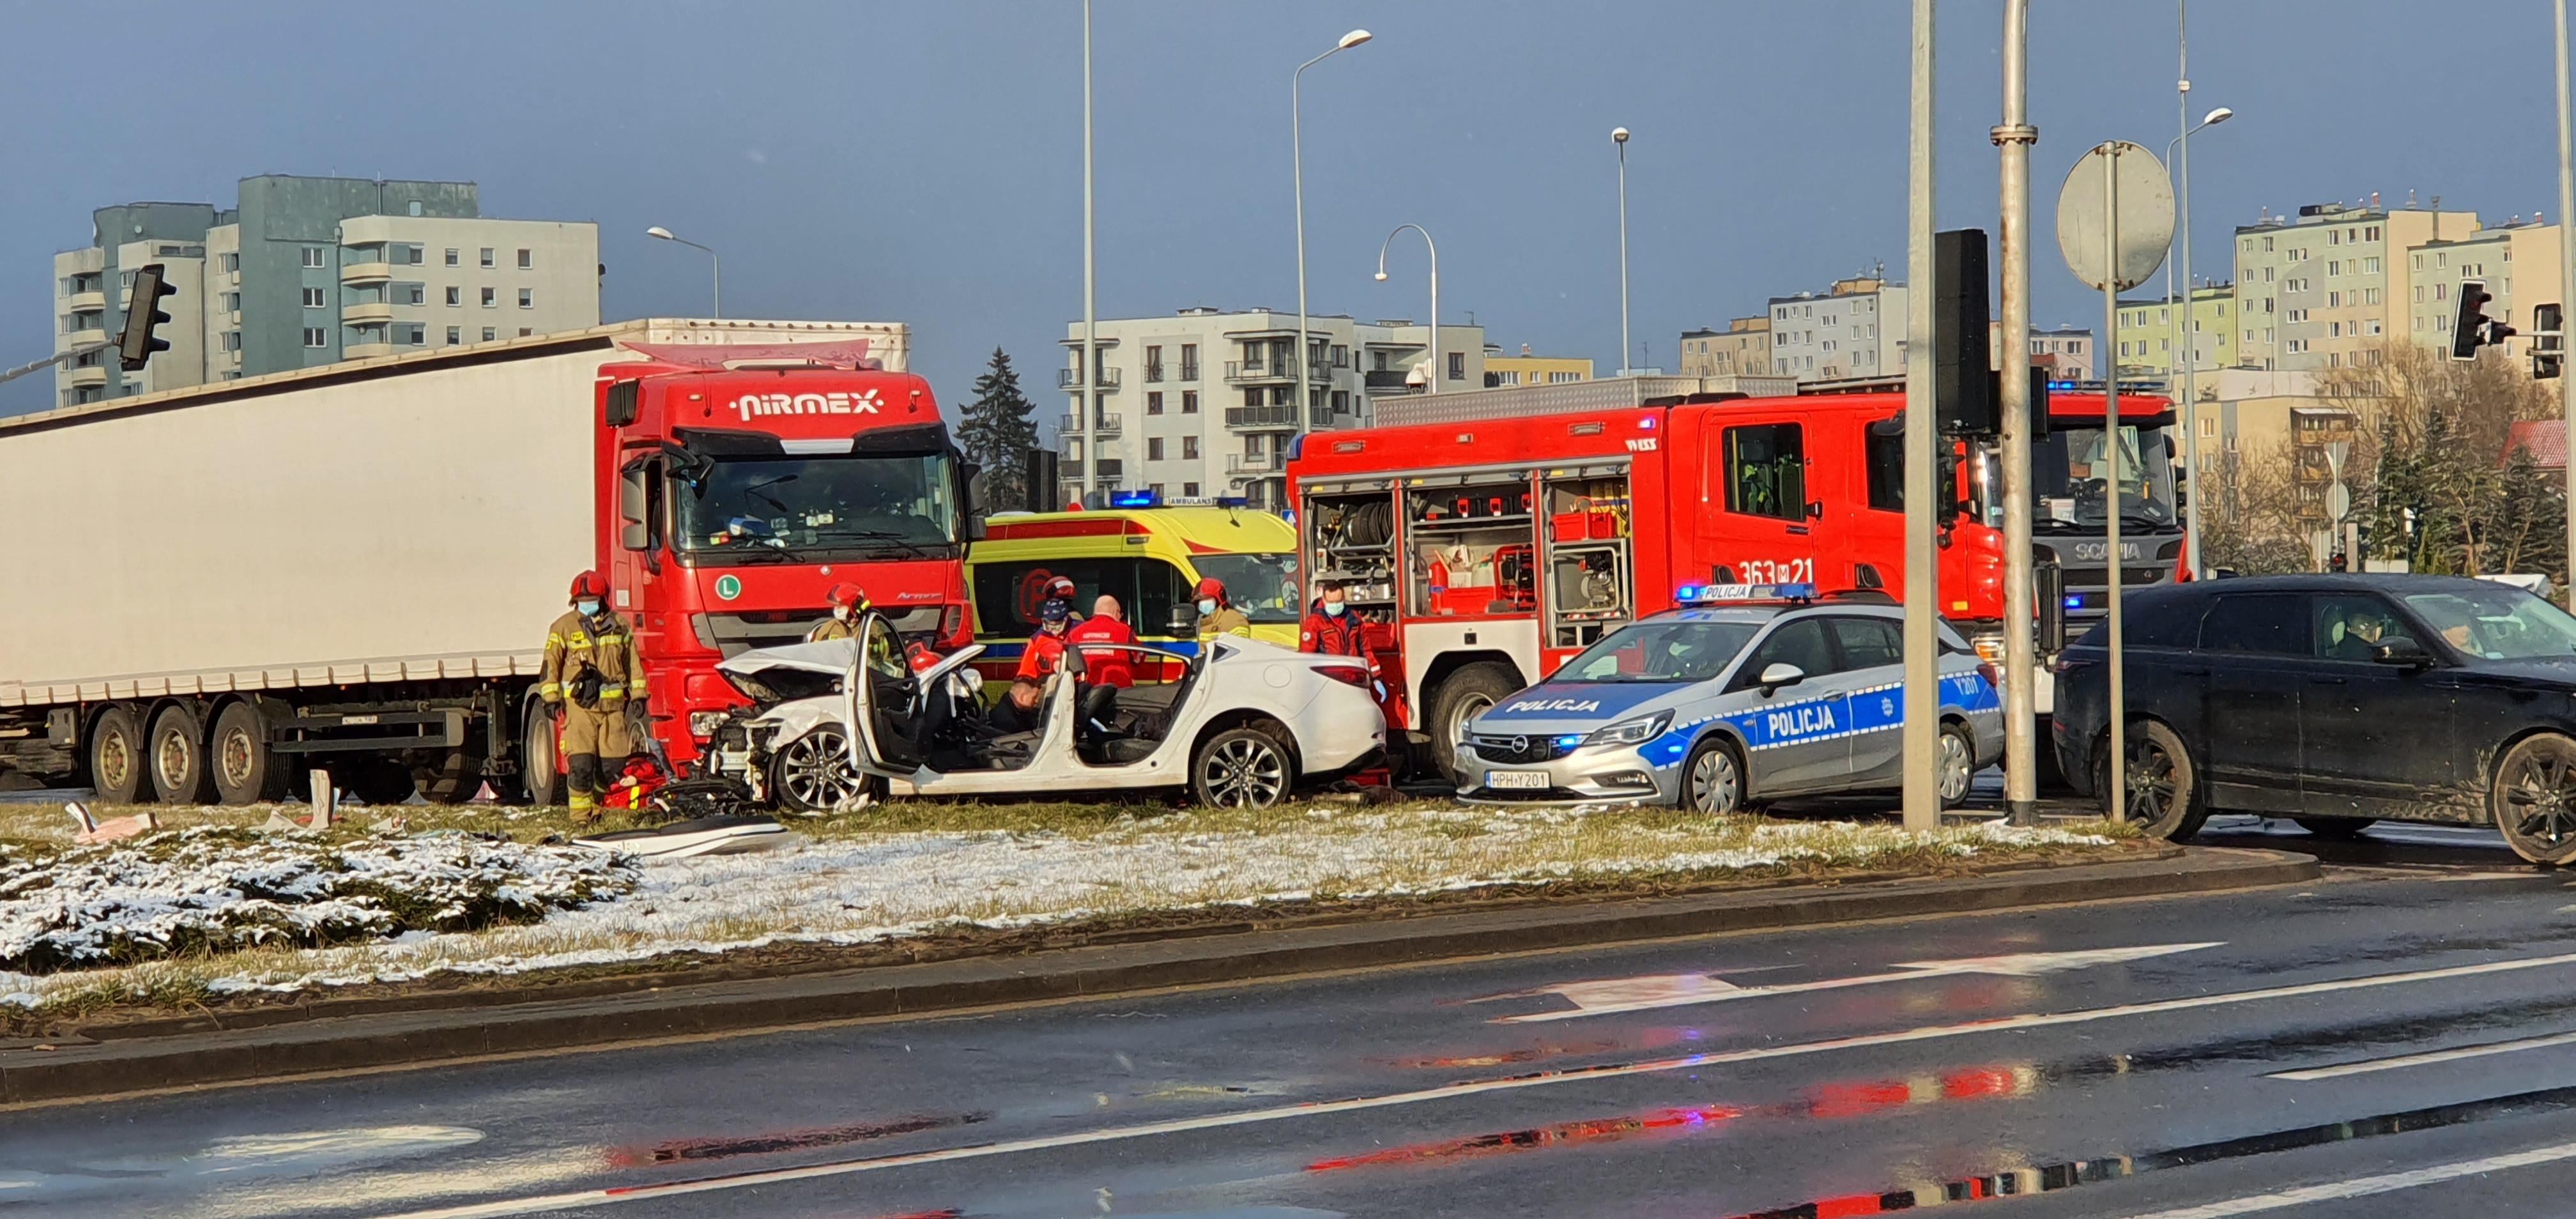 Wypadek okazał się tragiczny. Nie żyje 64-letnia pasażerka  - Zdjęcie główne